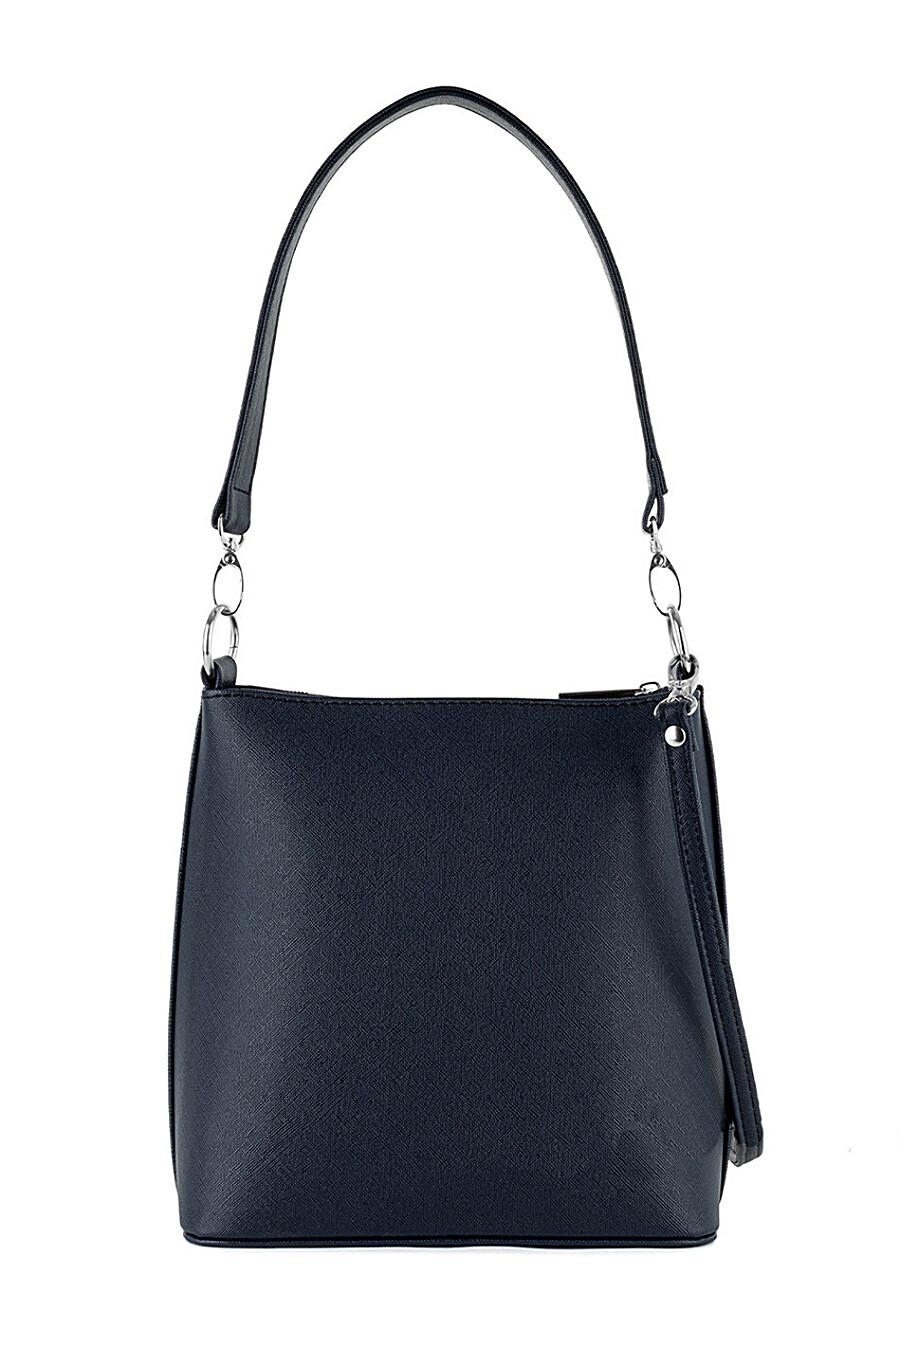 Сумка для женщин L-CRAFT 260299 купить оптом от производителя. Совместная покупка женской одежды в OptMoyo